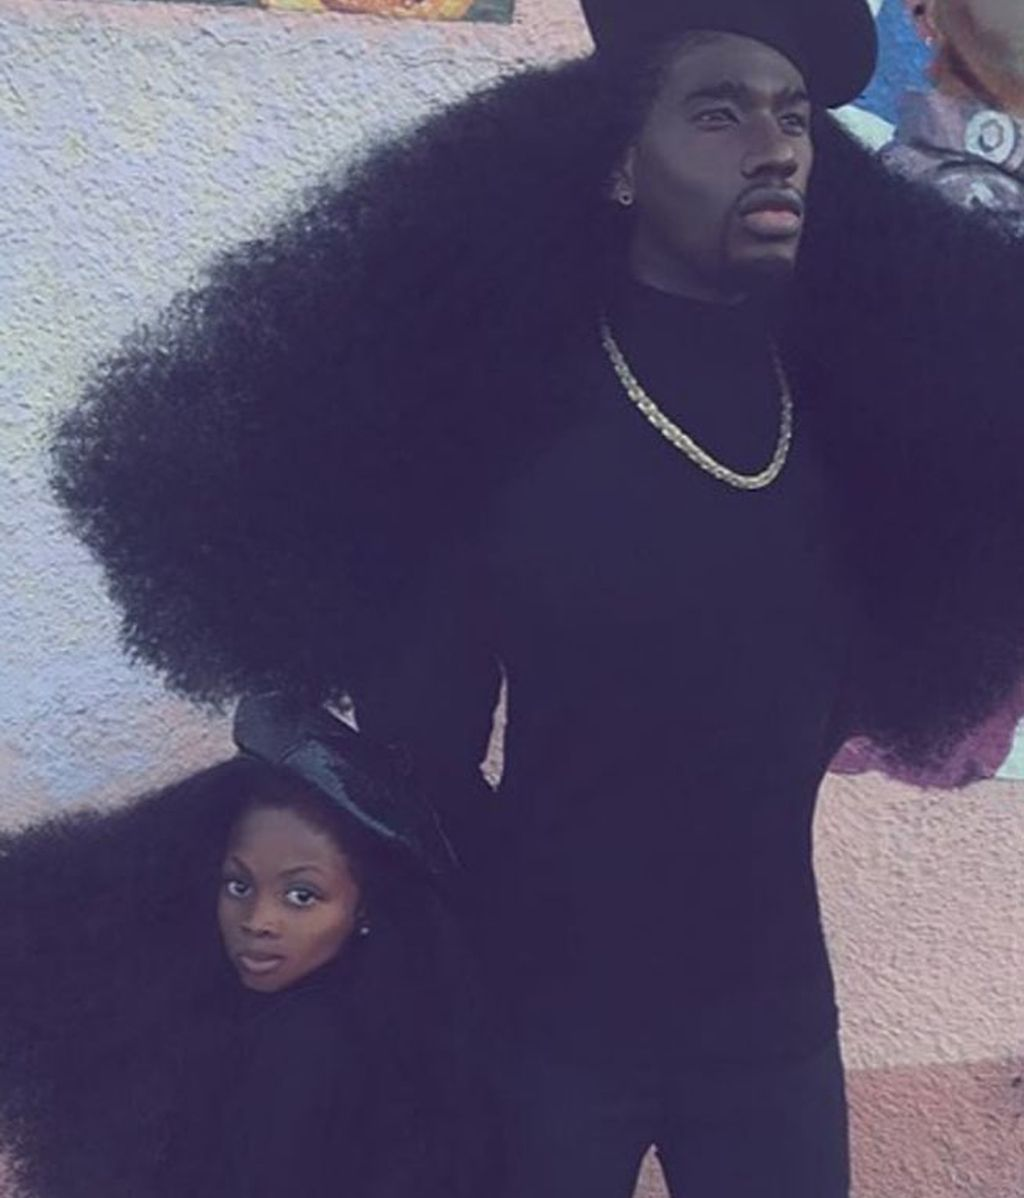 Benny Harlem es un cantante afroamericano que sube a sus redes sociales estas llamativas fotografías